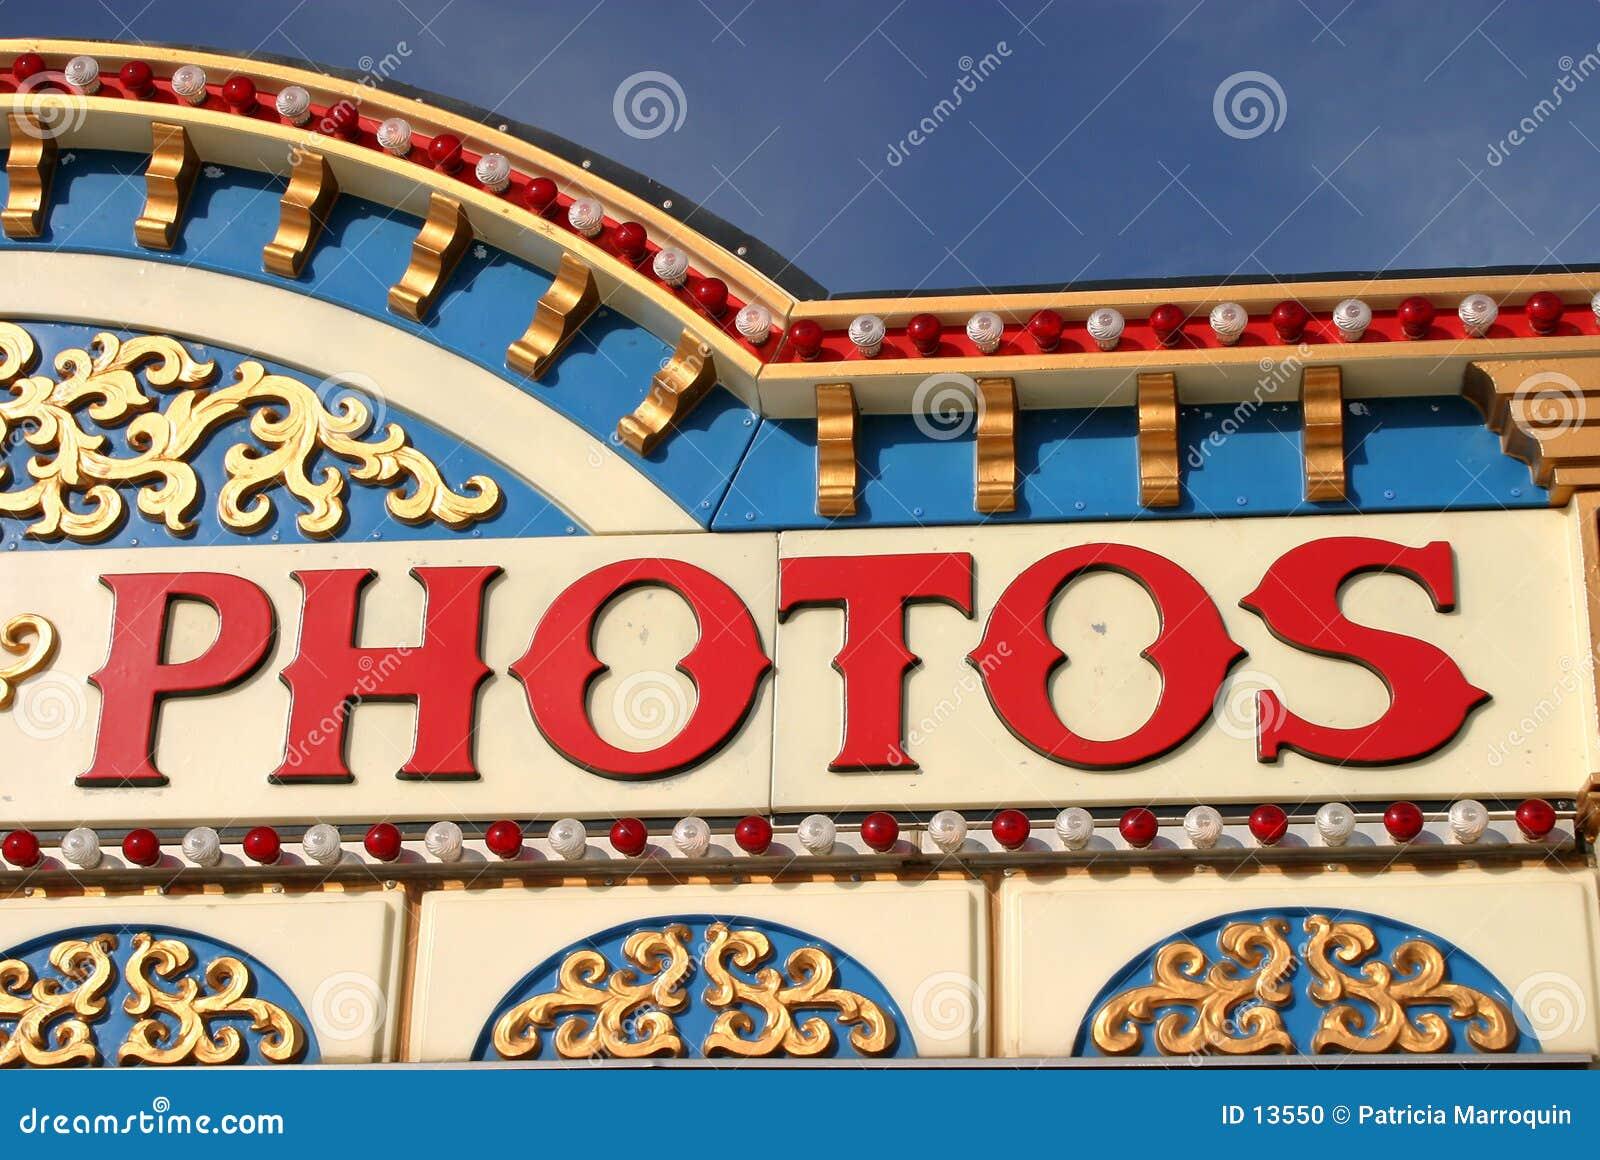 Fotos fabuloso